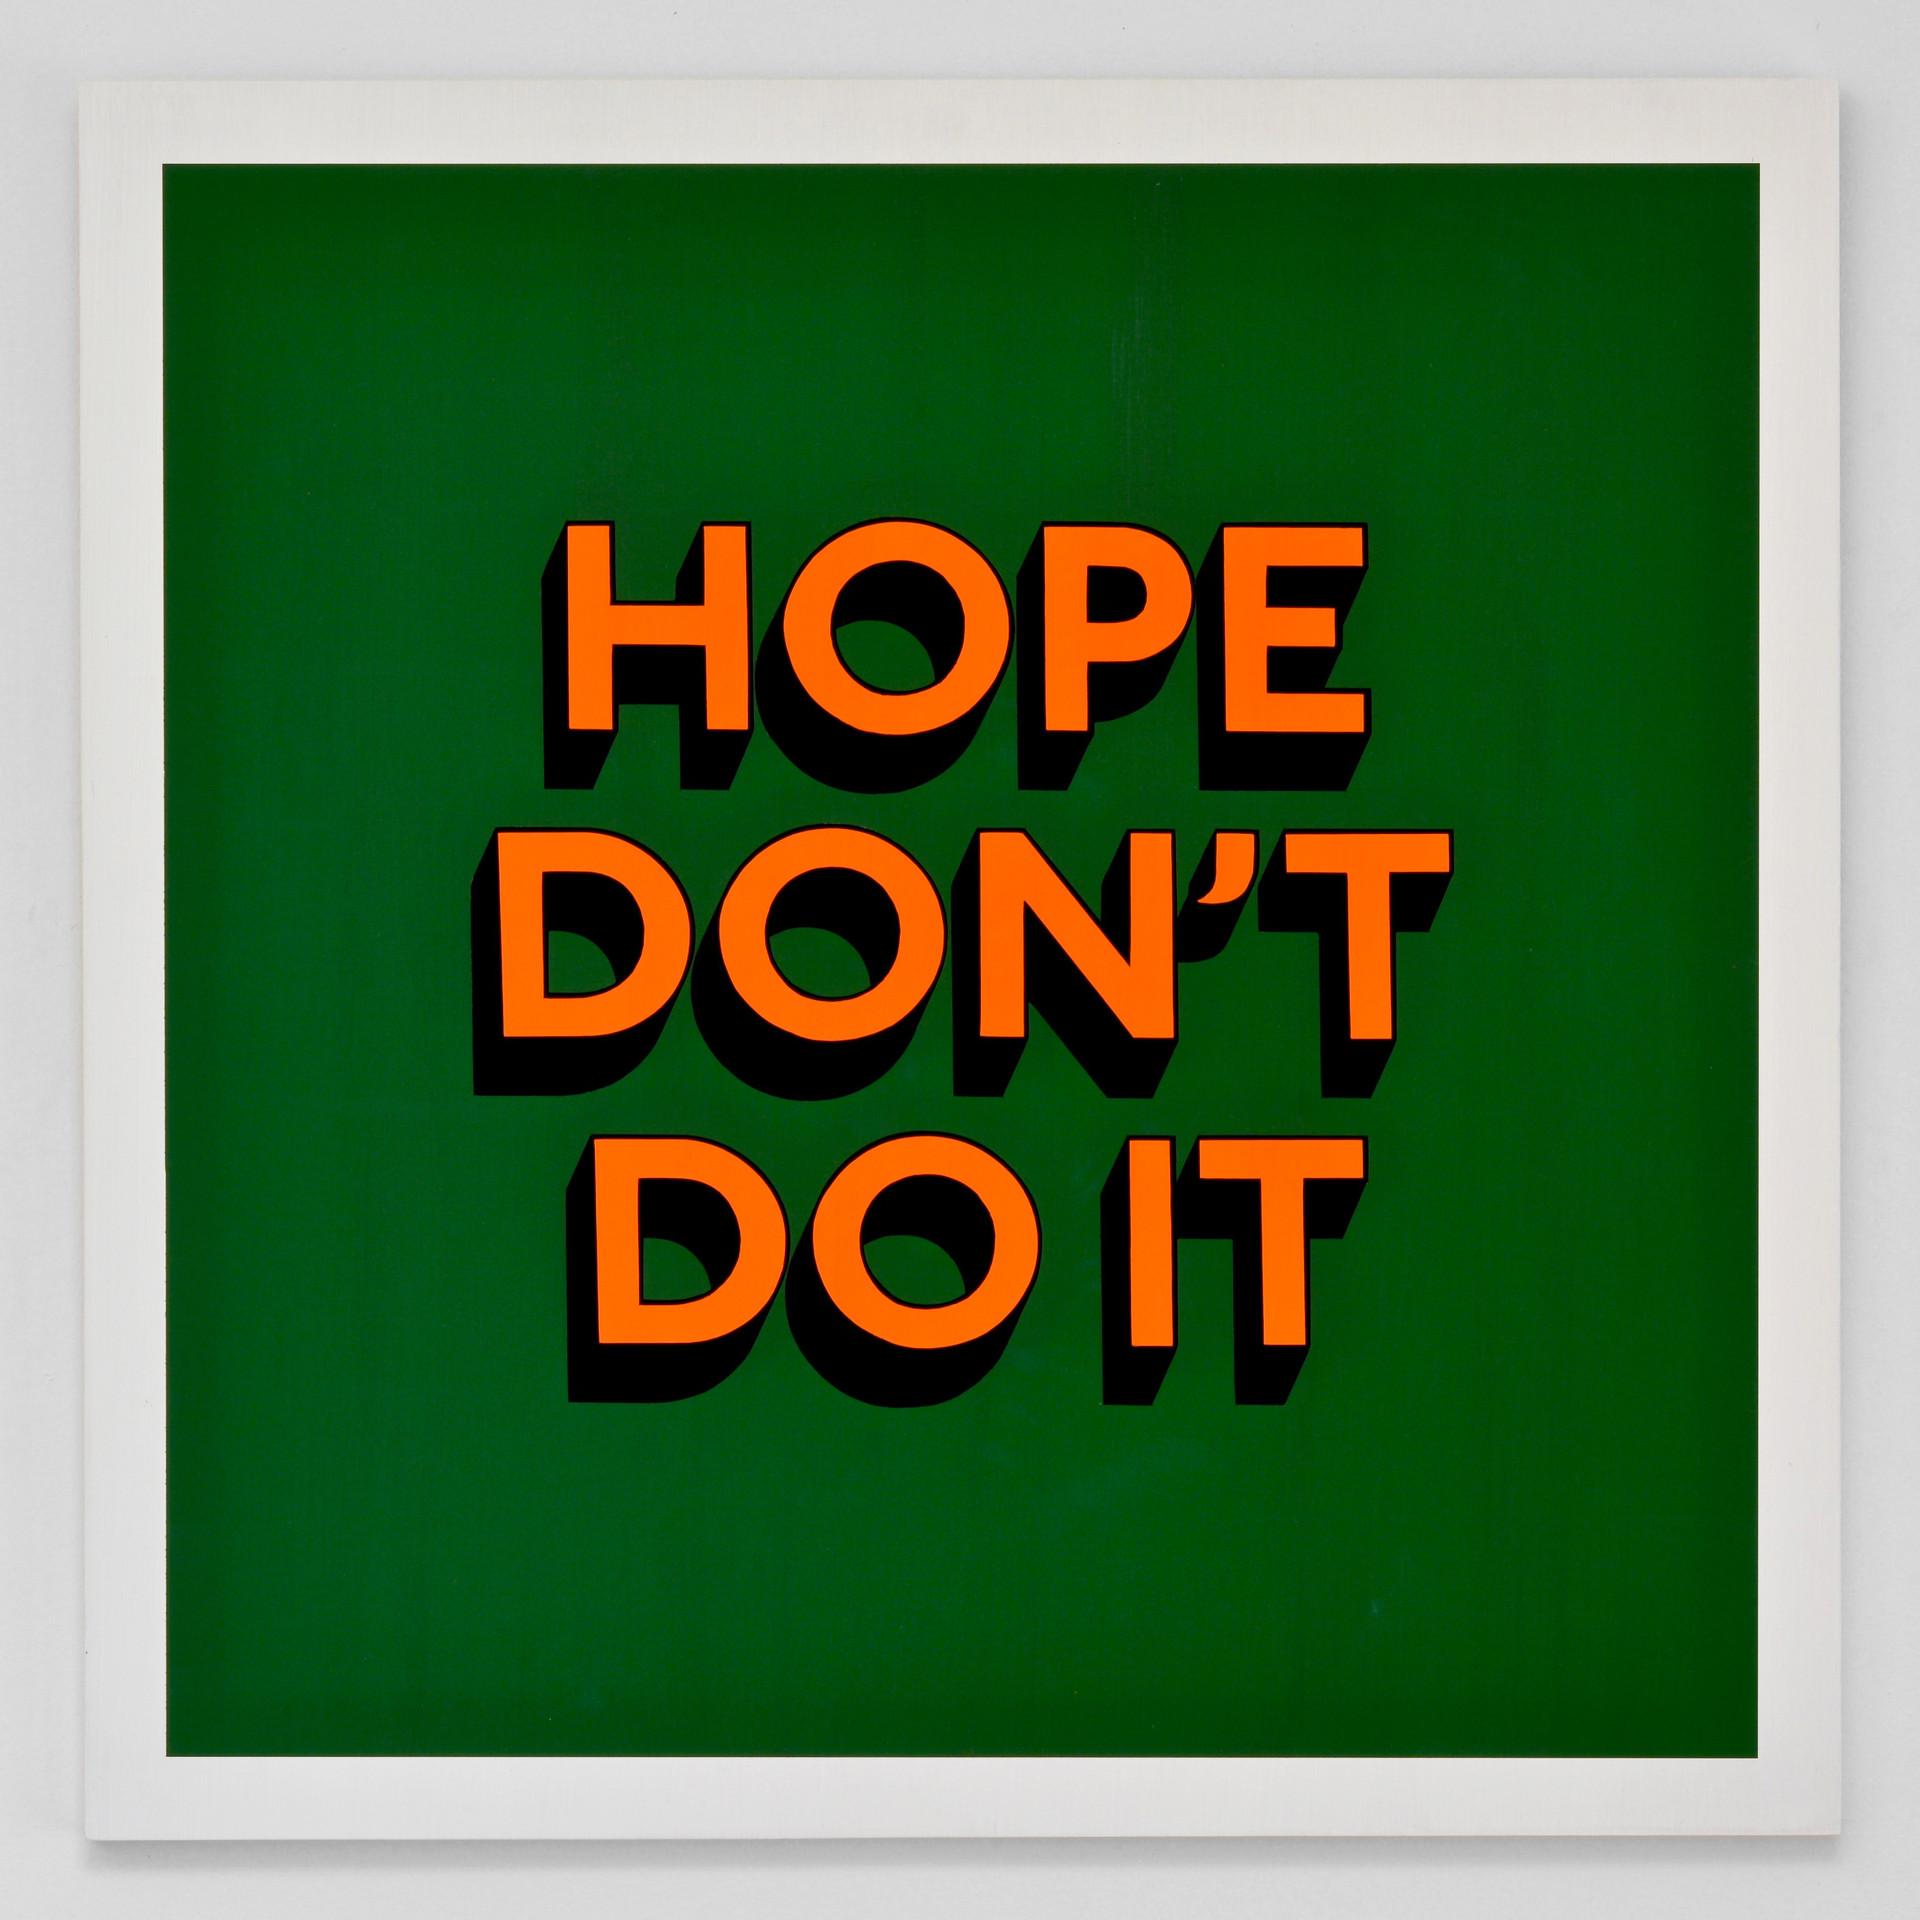 HOPE_DON'T_DO_IT.jpg